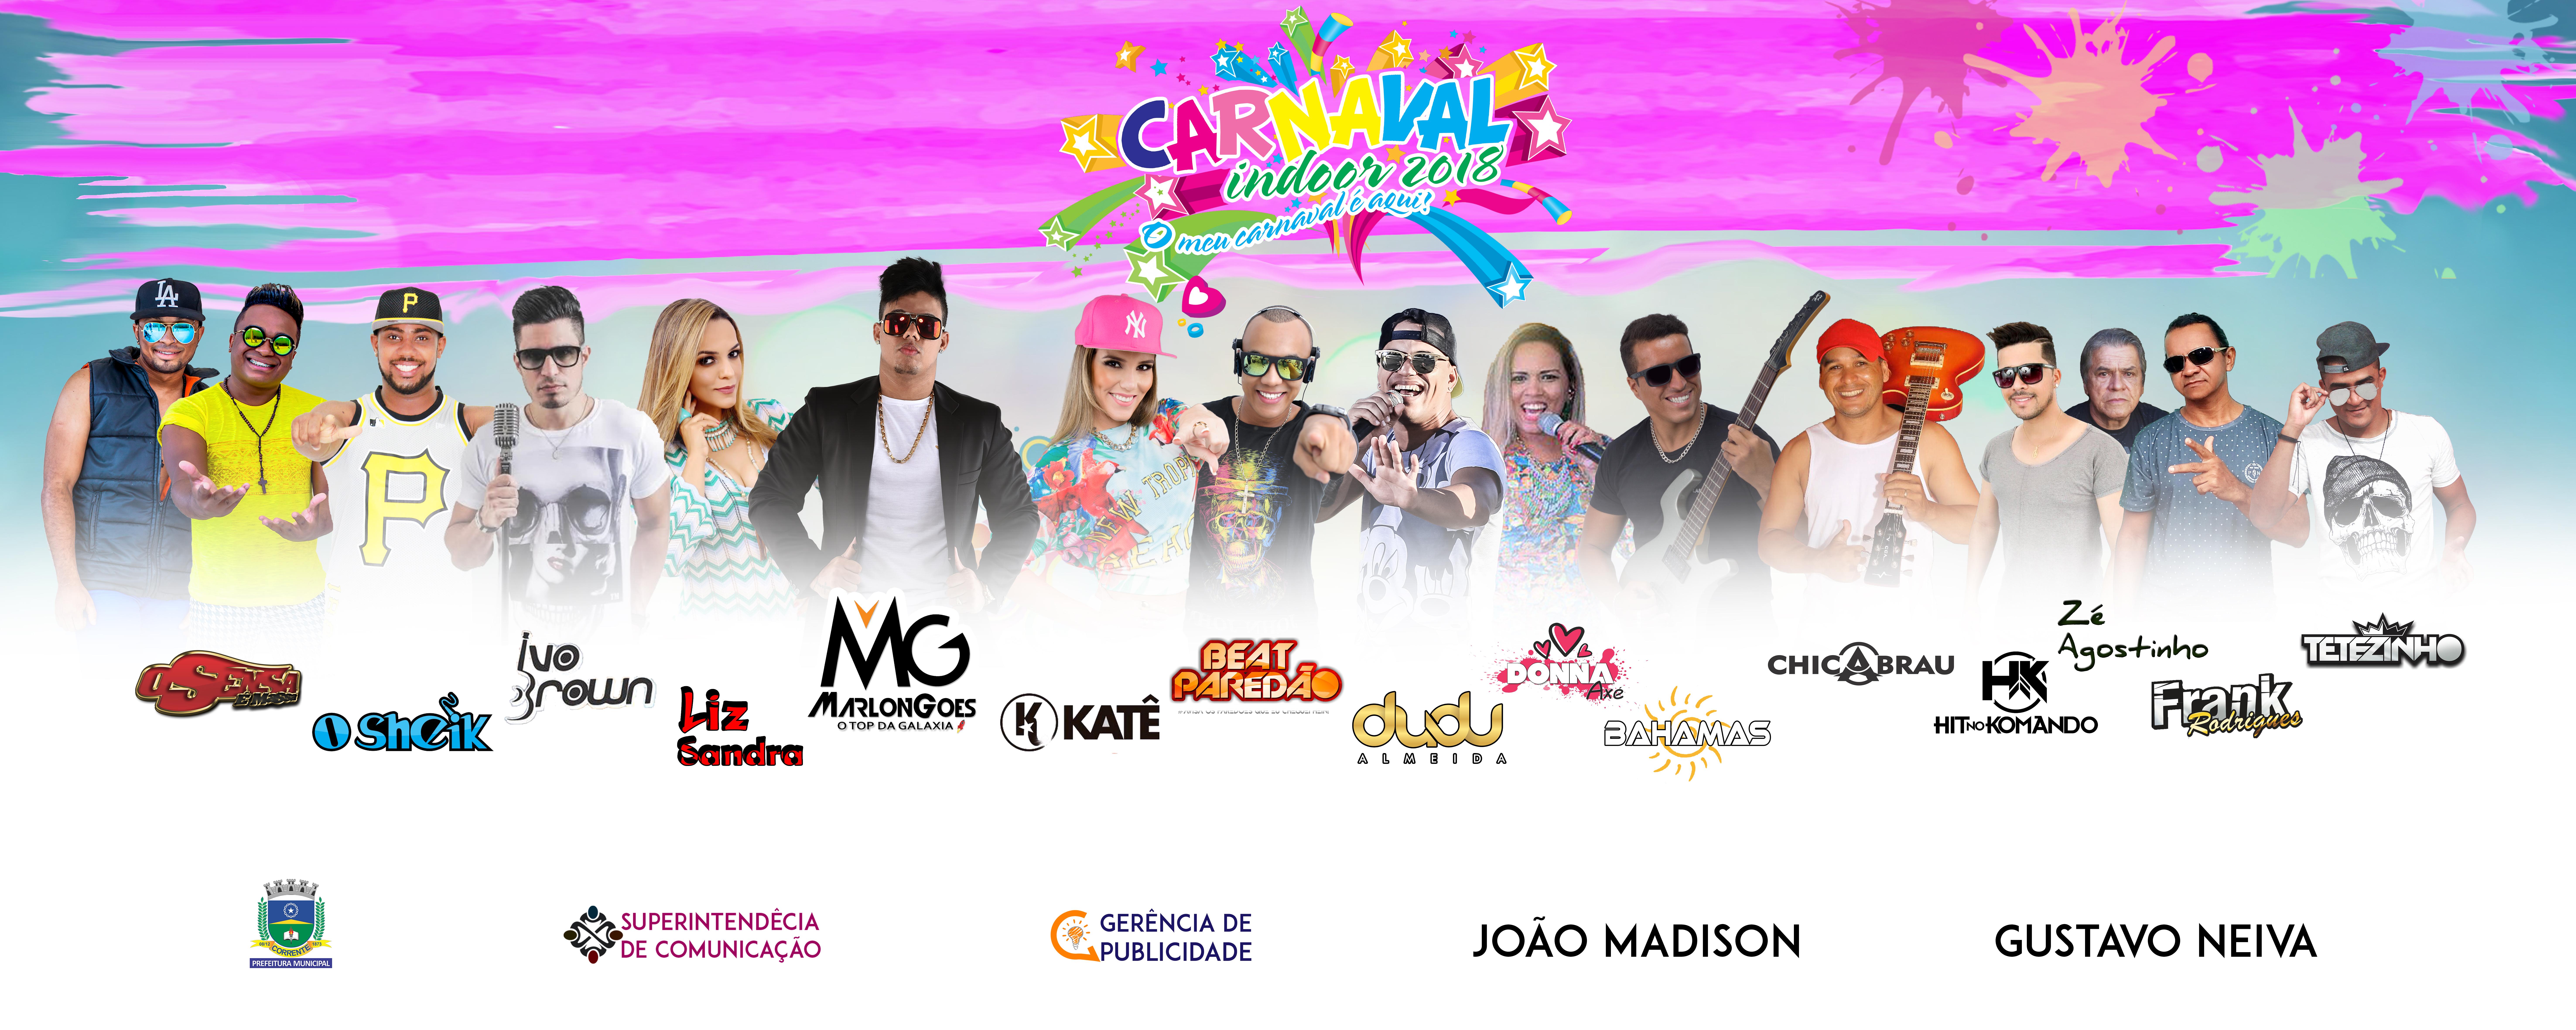 Prefeitura de Corrente lança programação do carnaval 2018